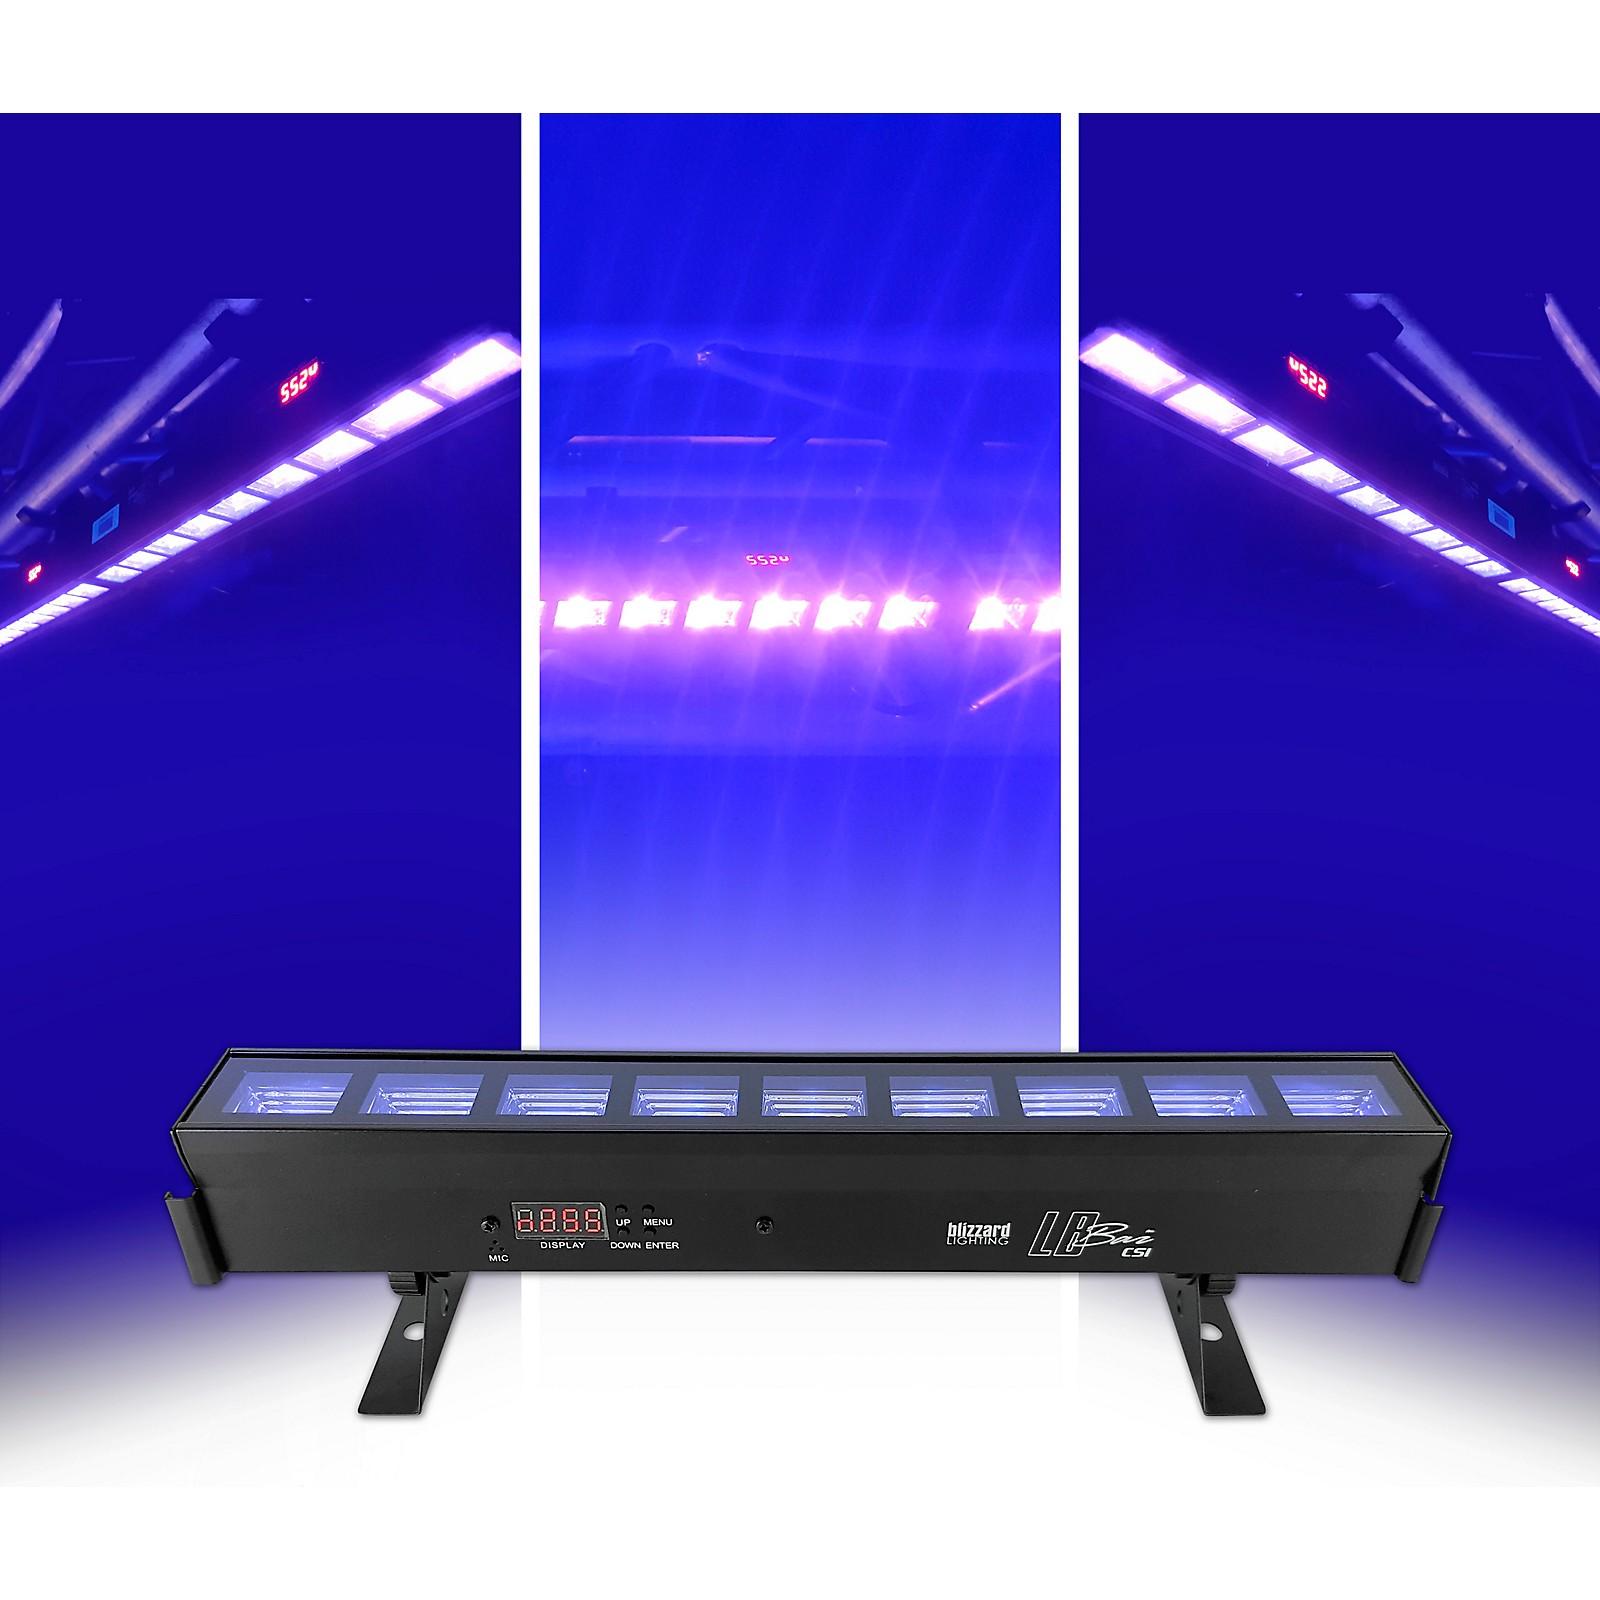 Blizzard LB Bar CSI UV LED Black Light Fixture